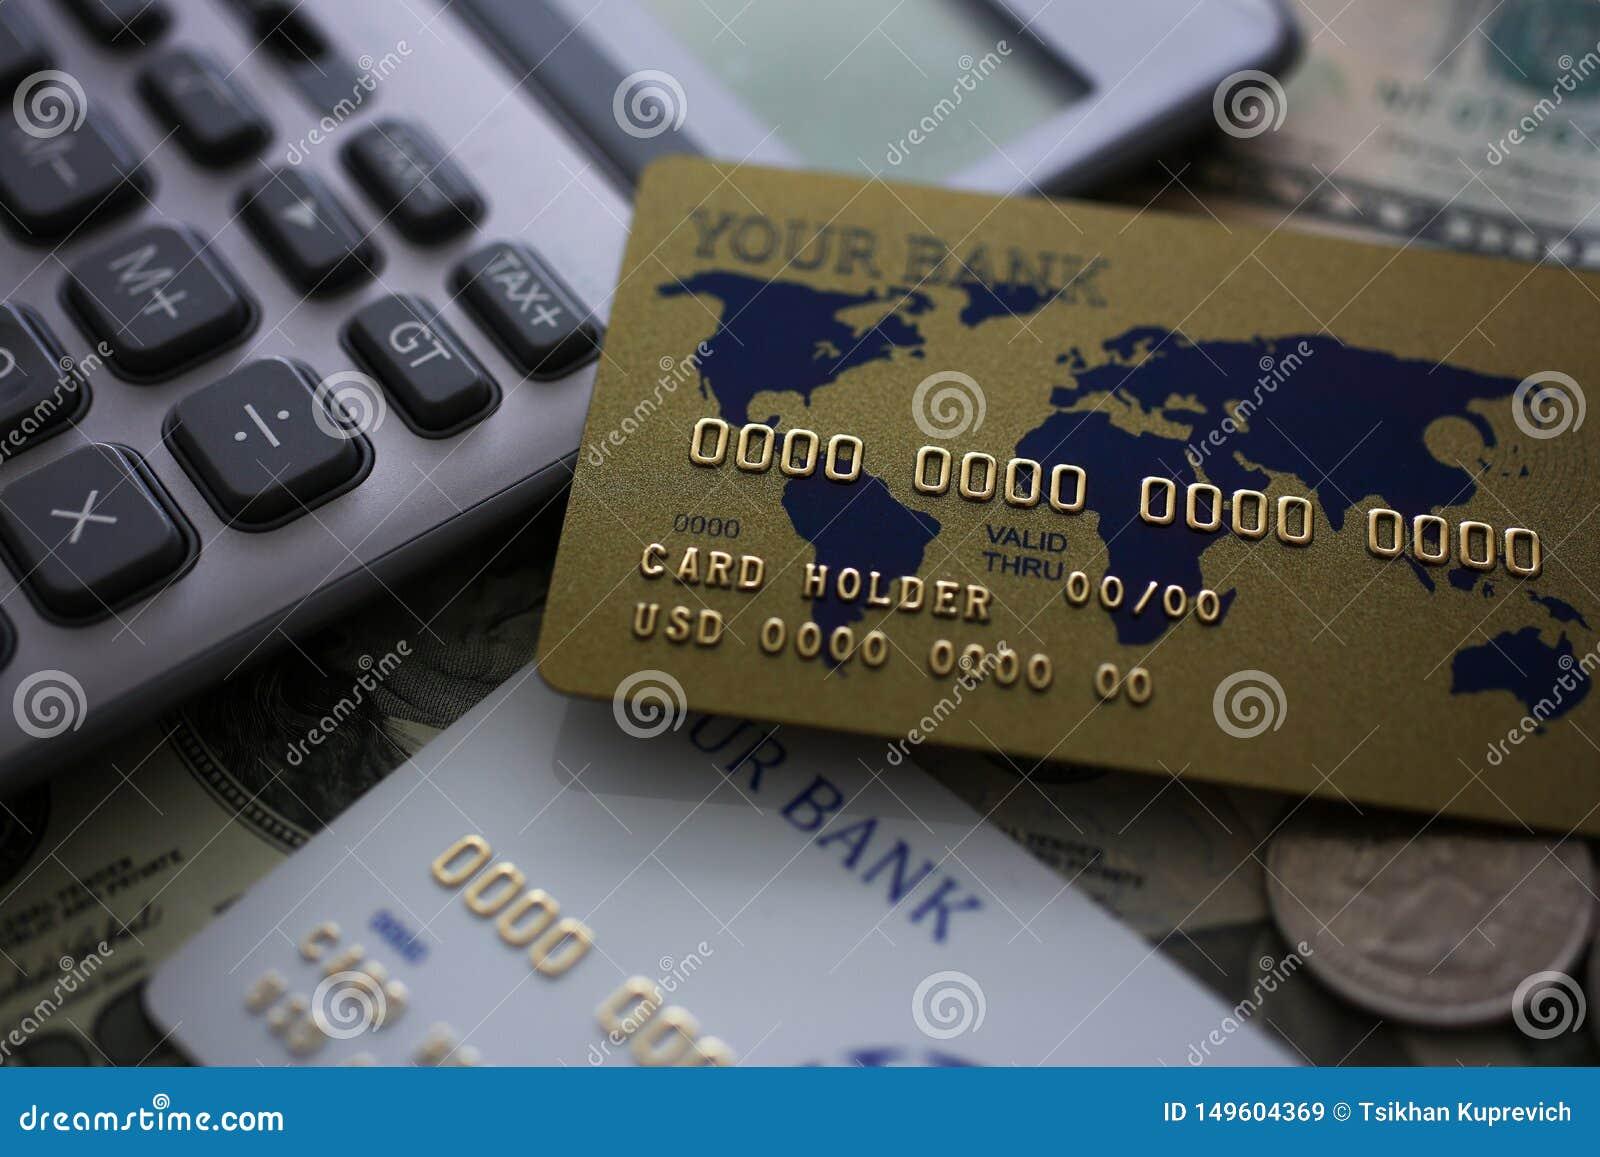 Πιστωτική κάρτα και υπολογιστής που βρίσκονται στο μεγάλο χρηματικό ποσό αμερικανικά